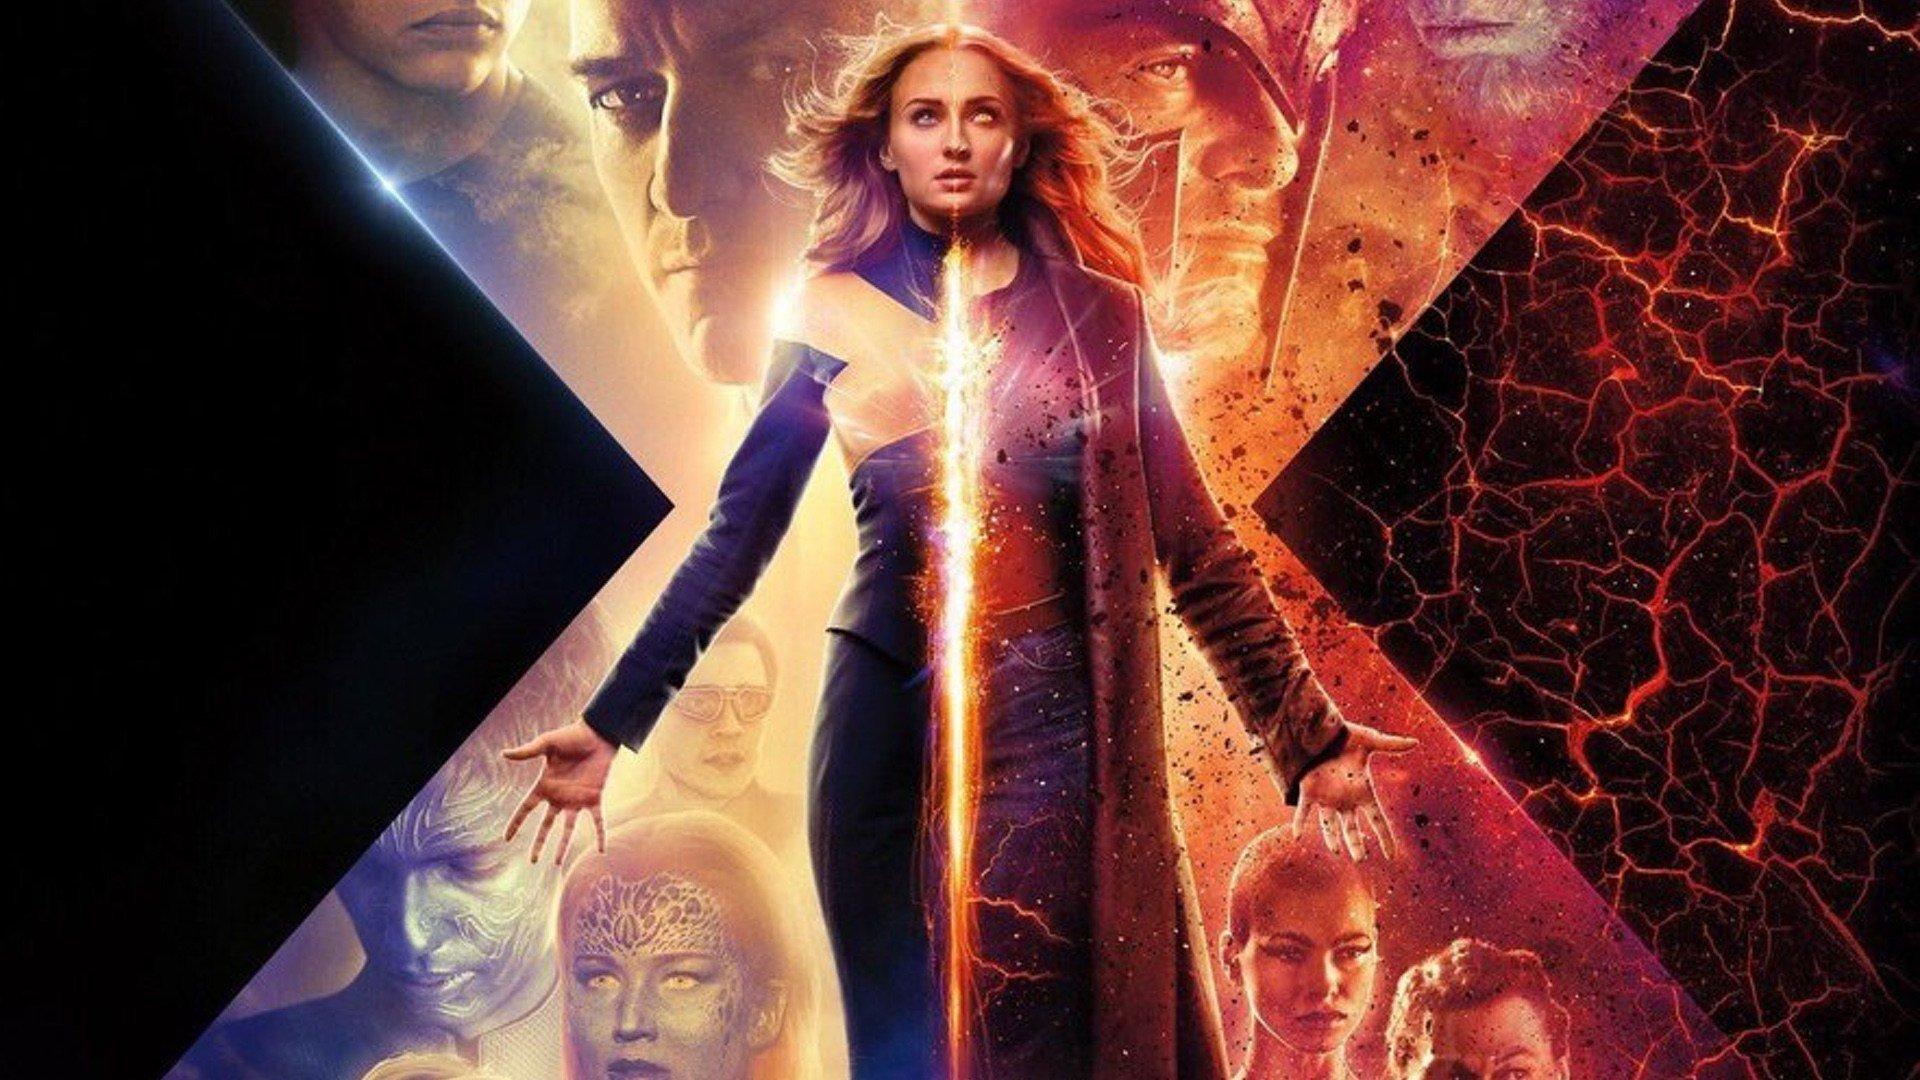 X-men da vida real! Conheça 13 super poderes provocados por mutações. Com mutações genéticas que conferem habilidades especiais, conheça os x-men da vida real